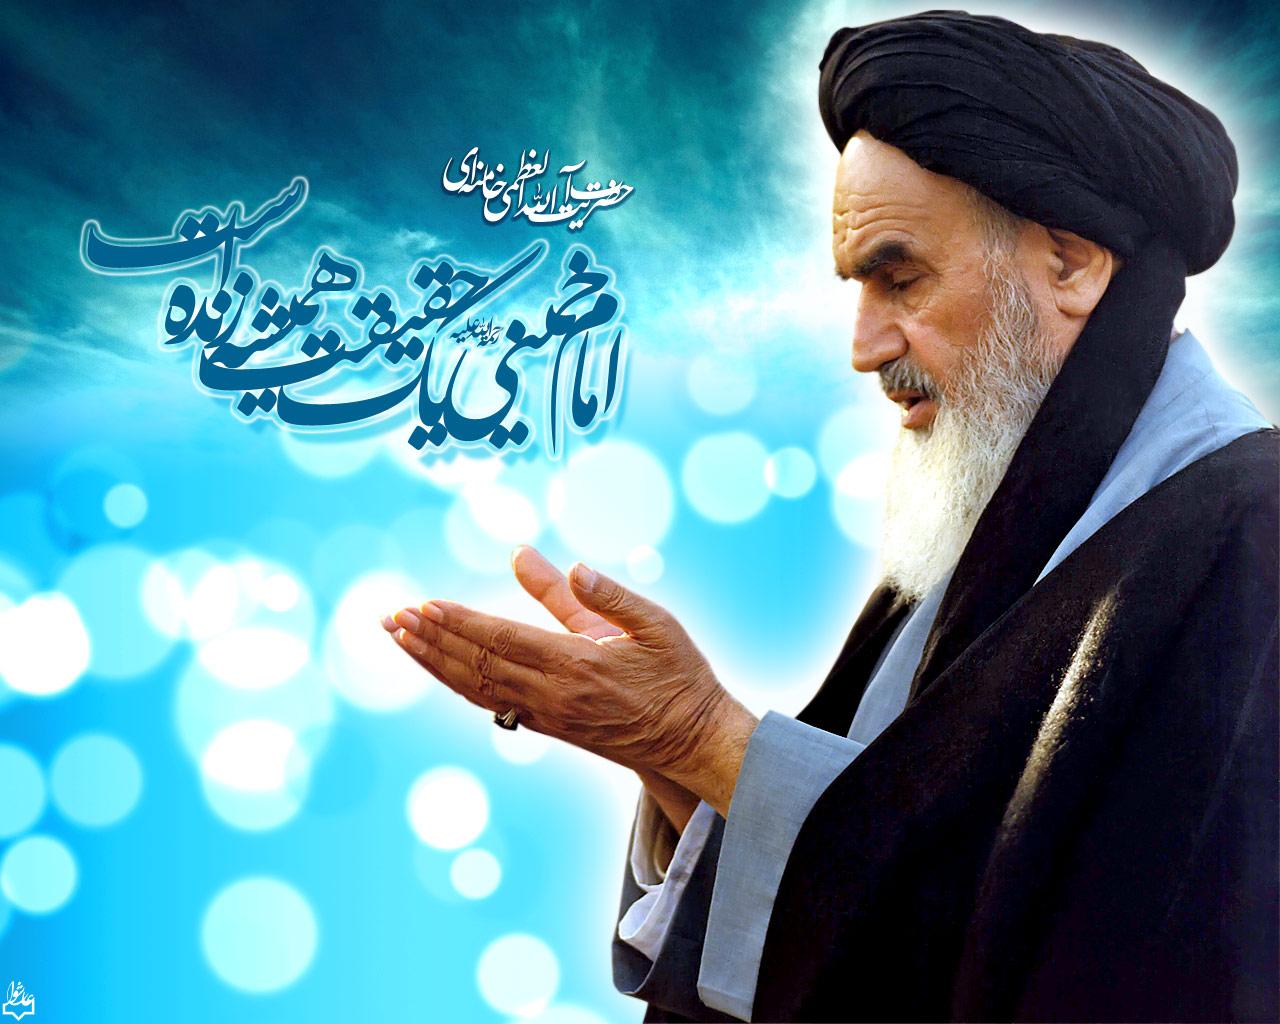 امام خمینی (ره) یک حقیقت همیشه روشن است